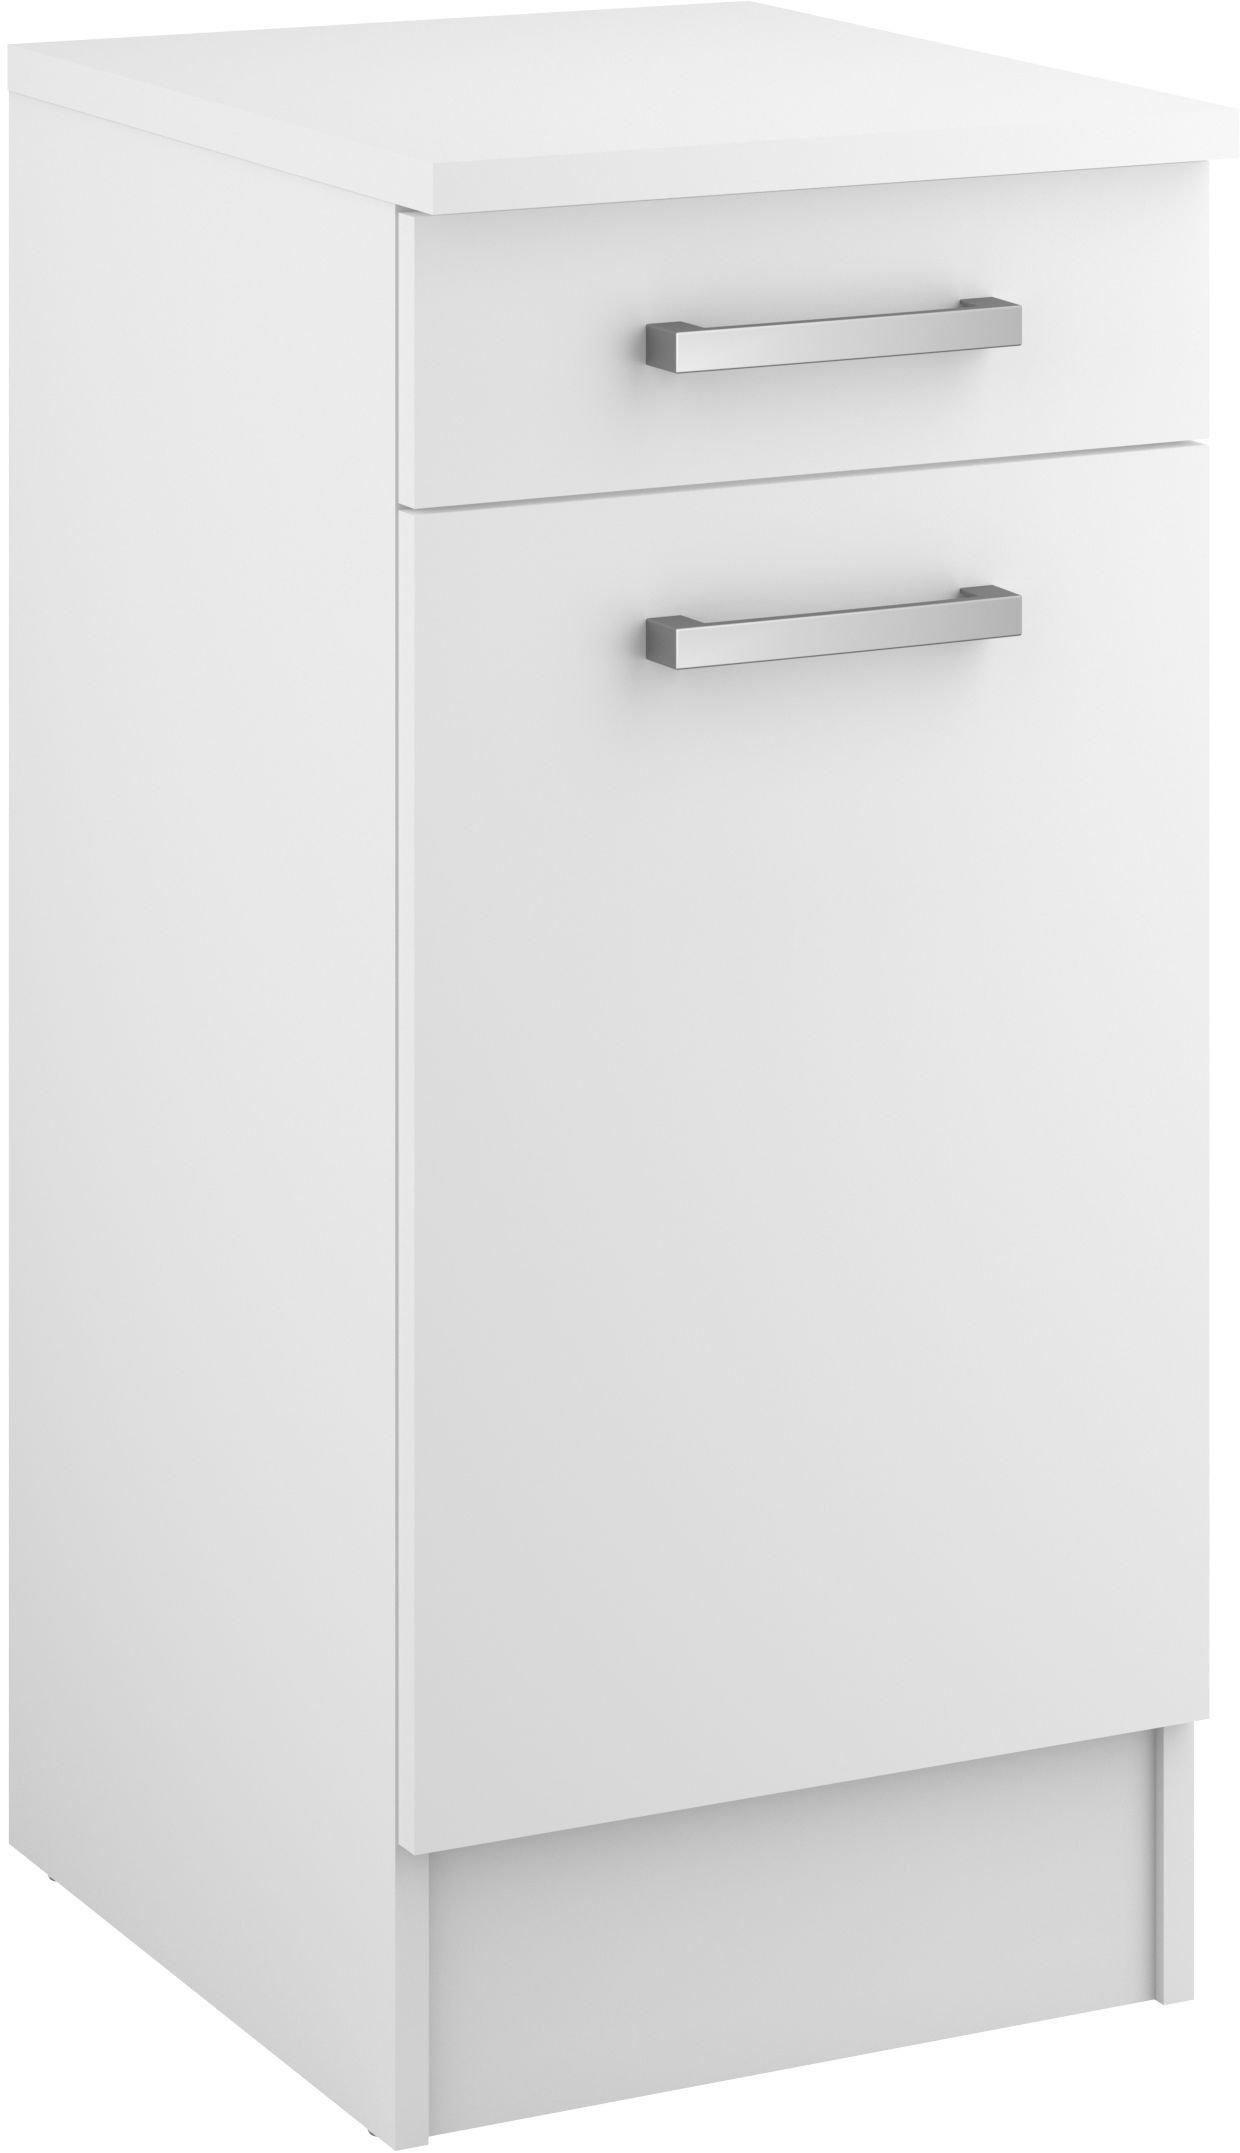 Επιδαπέδιο ντουλάπι Jeden 40 2D47